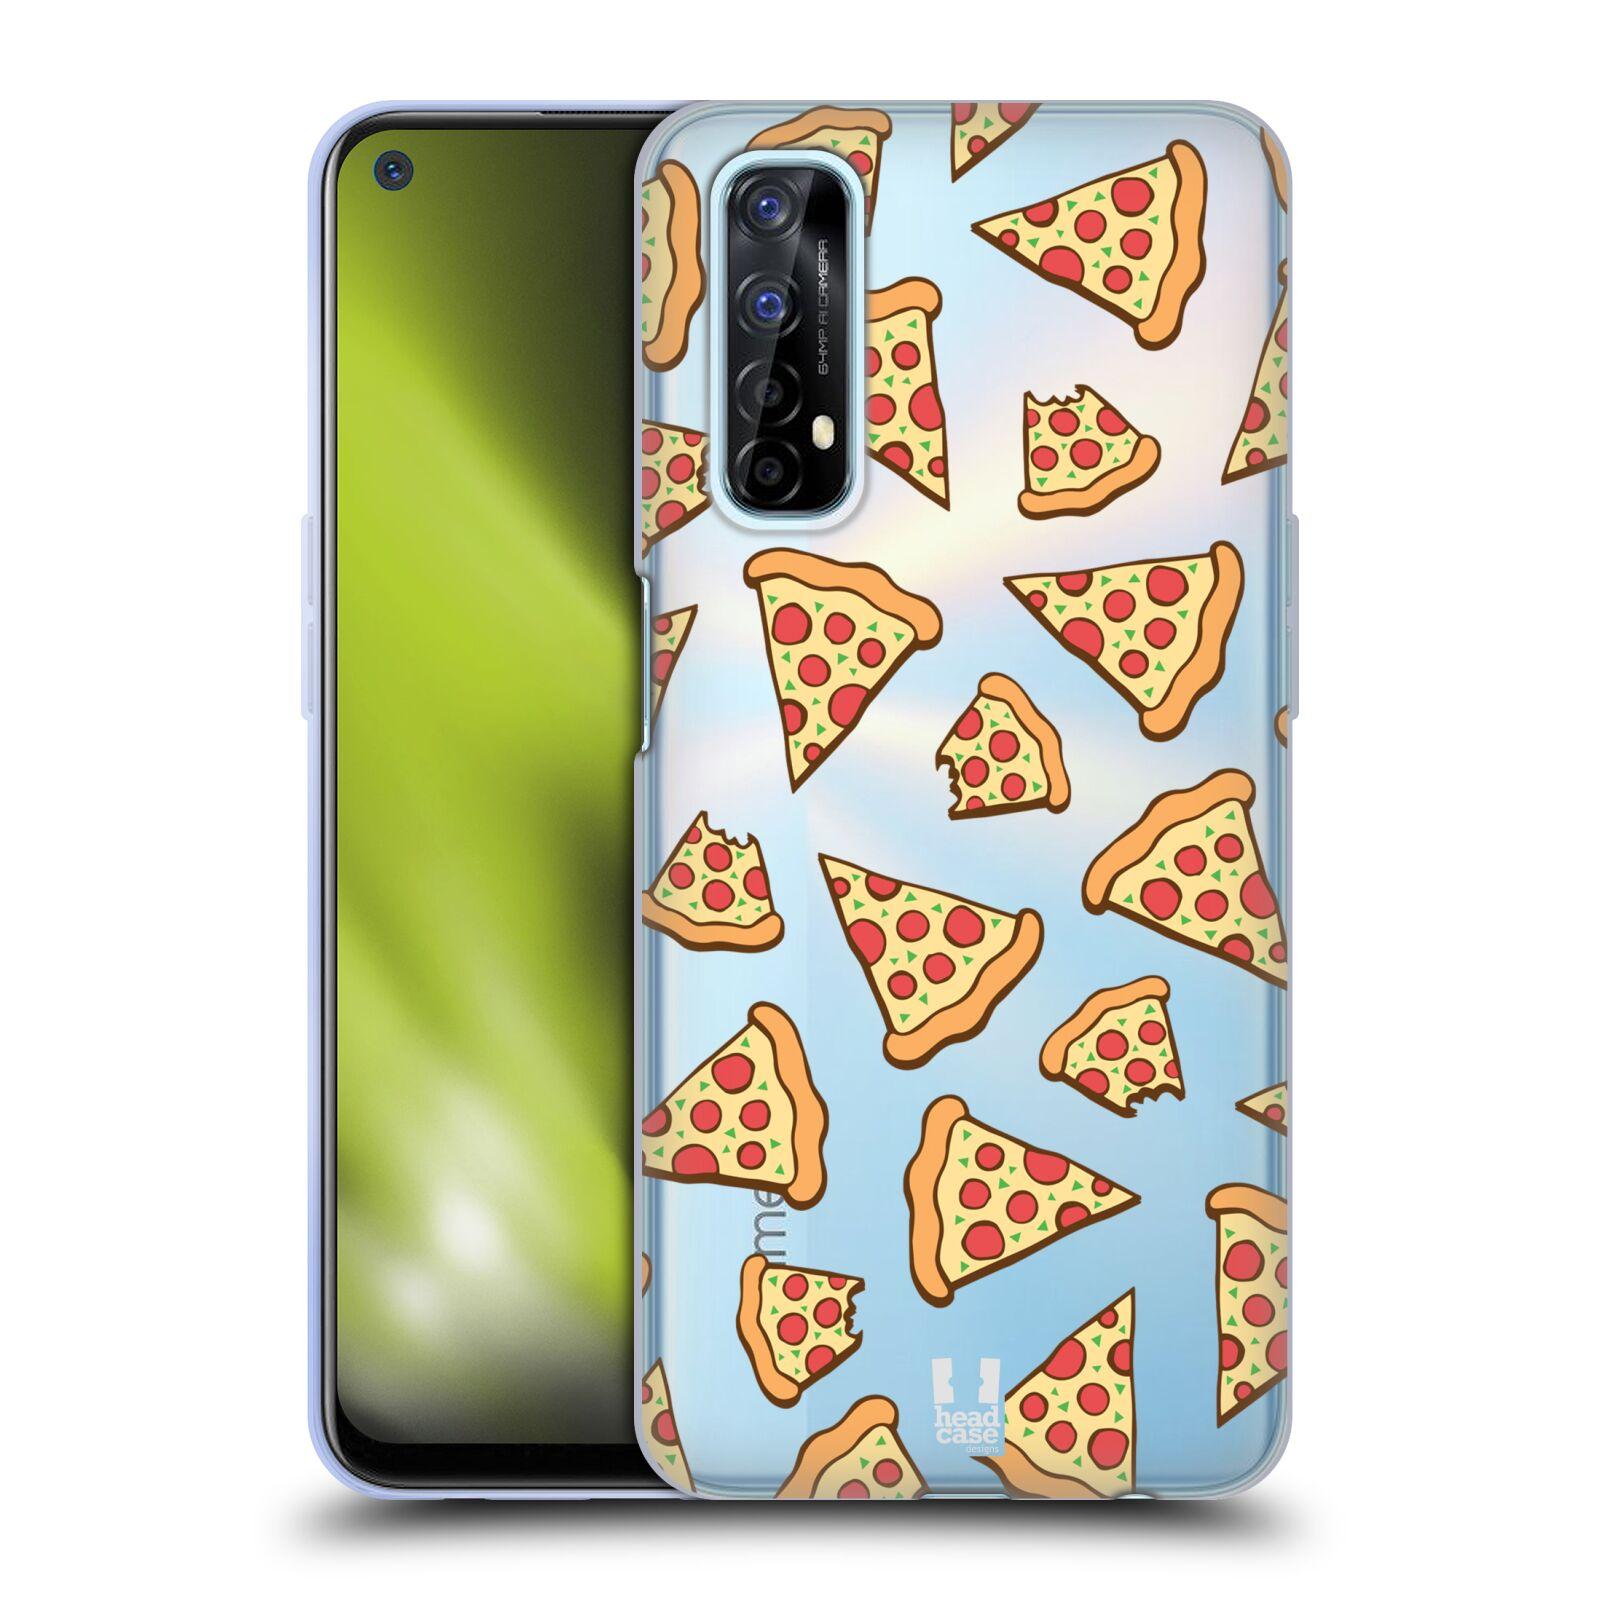 Silikonové pouzdro na mobil Realme 7 - Head Case - Pizza